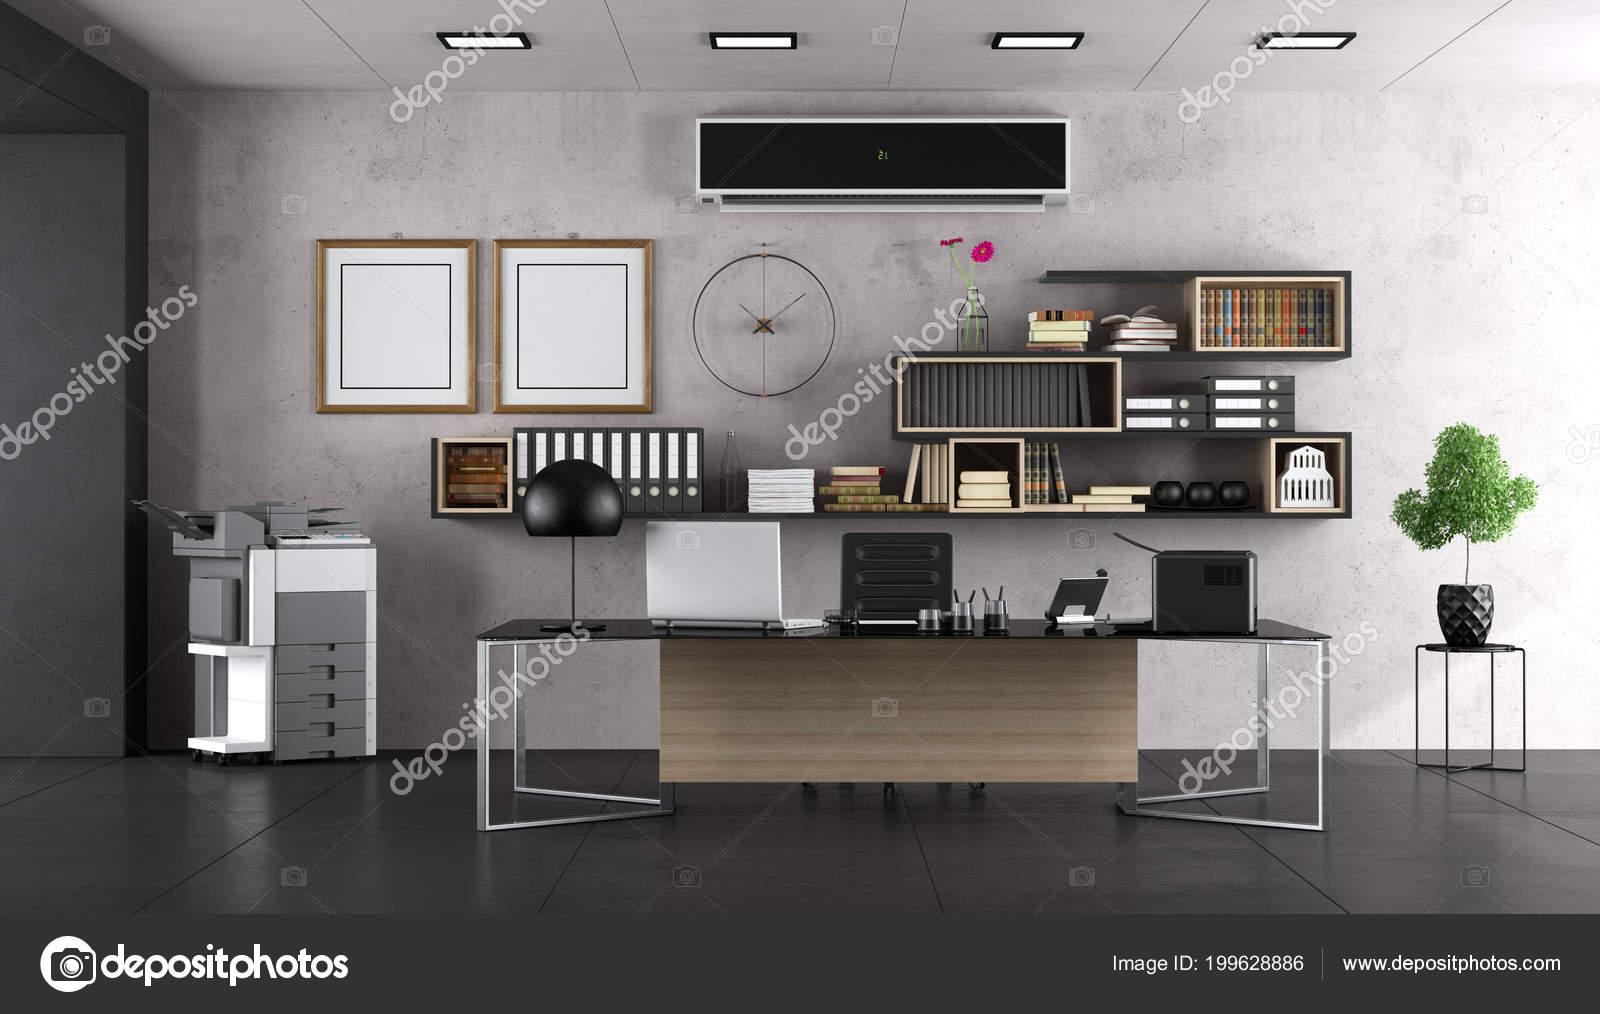 Modernes Büro Mit Großen Schreibtisch Und Bücherregal Rendering